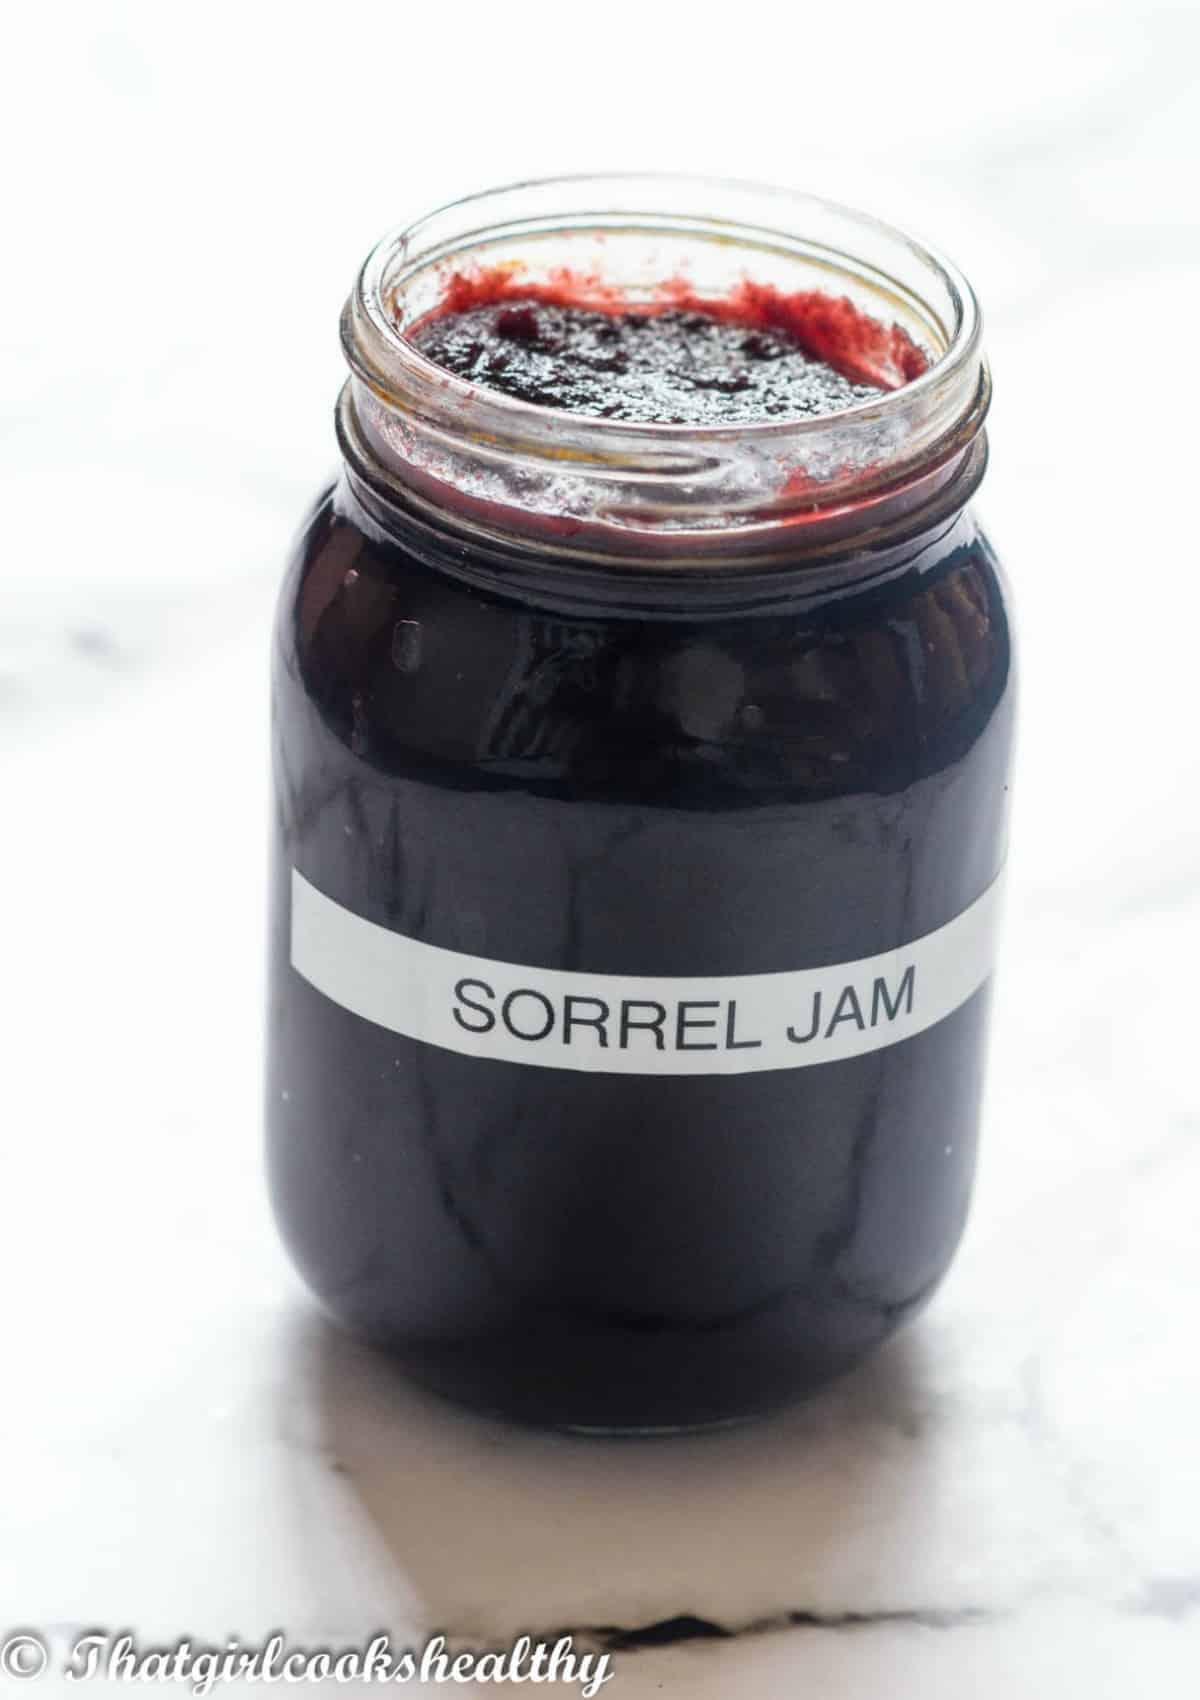 jam in a mason jar